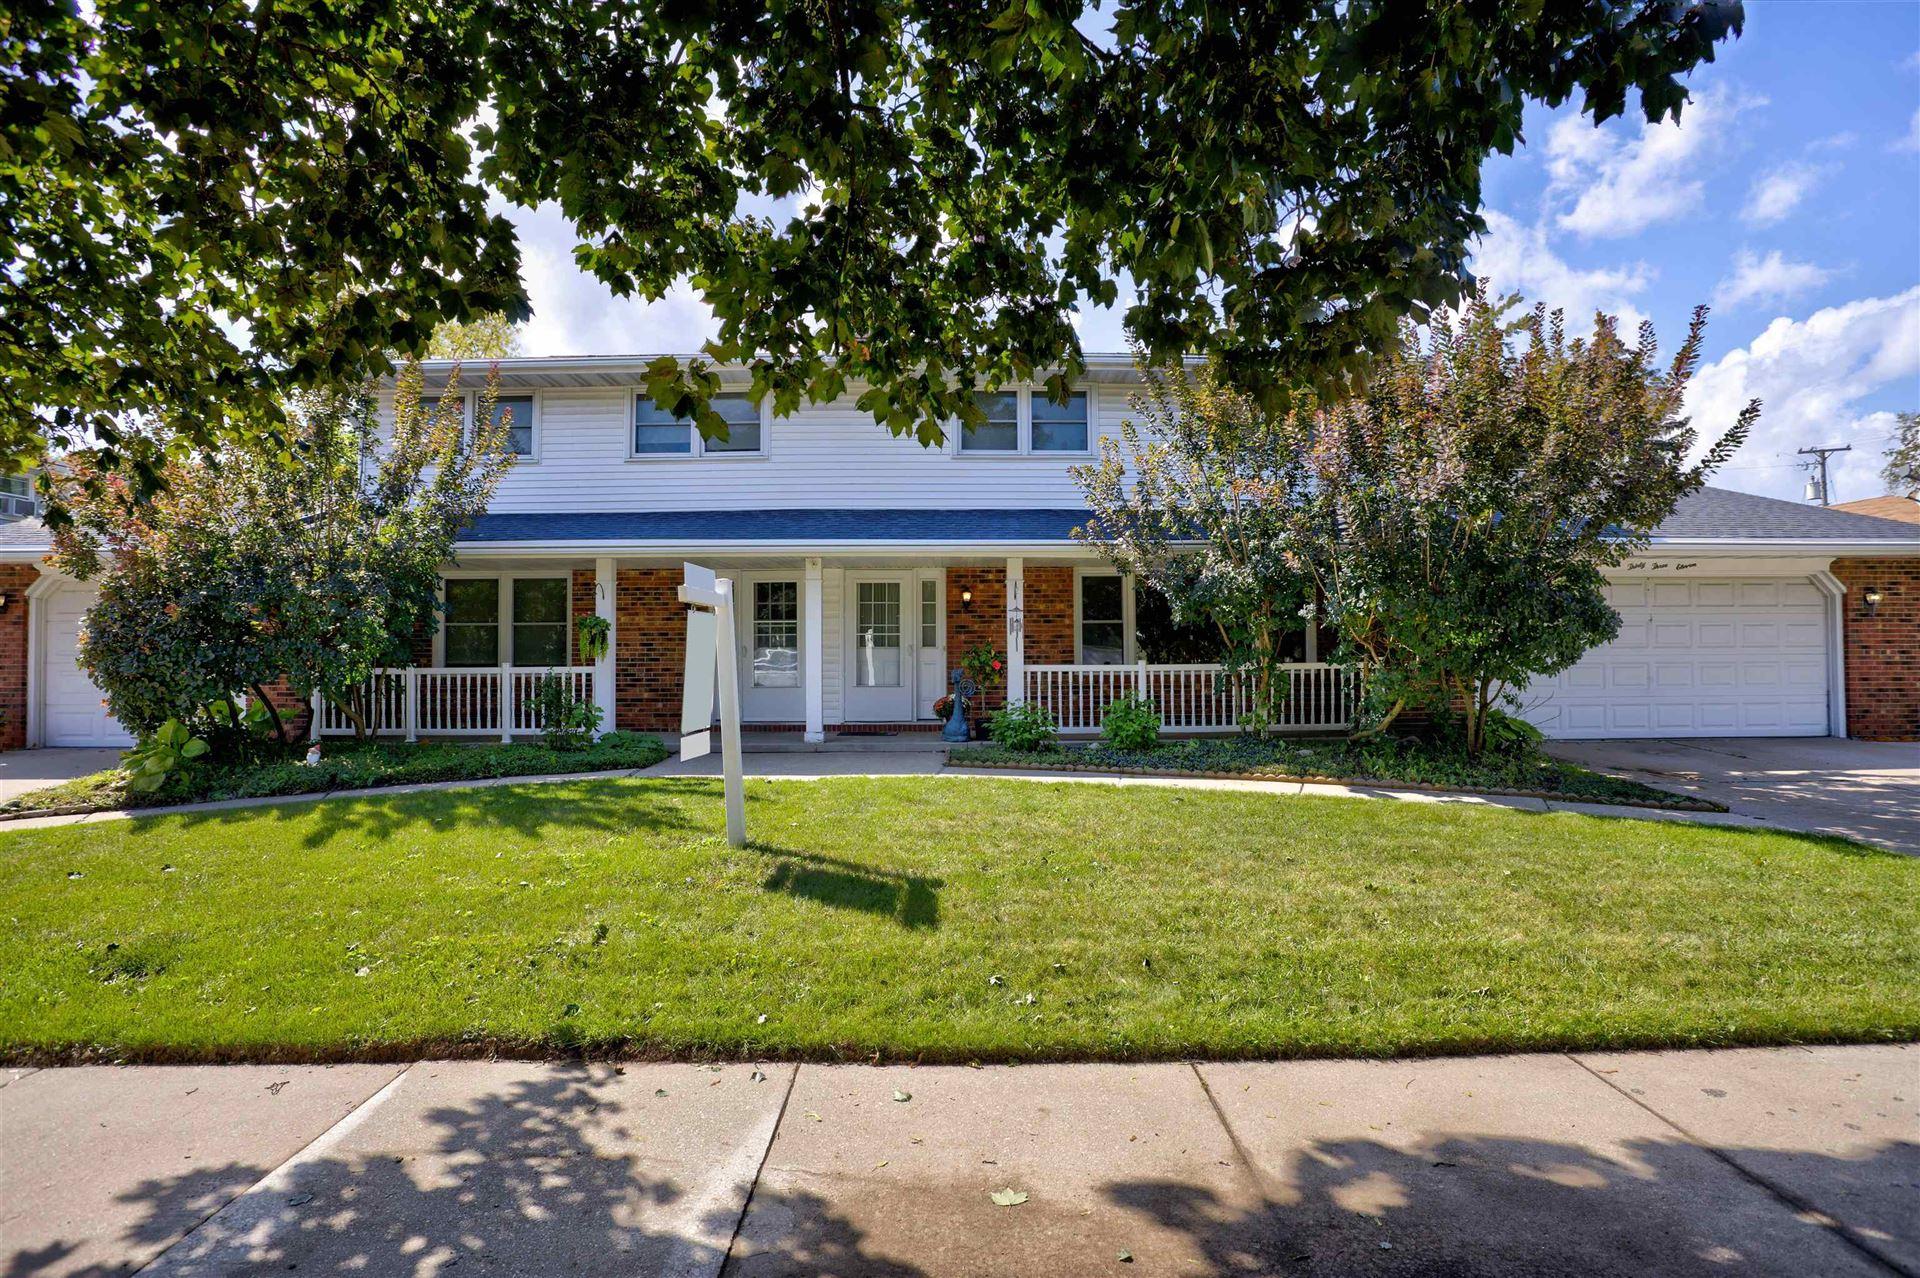 Photo of 3309 N RANKIN Street, APPLETON, WI 54911 (MLS # 50247305)